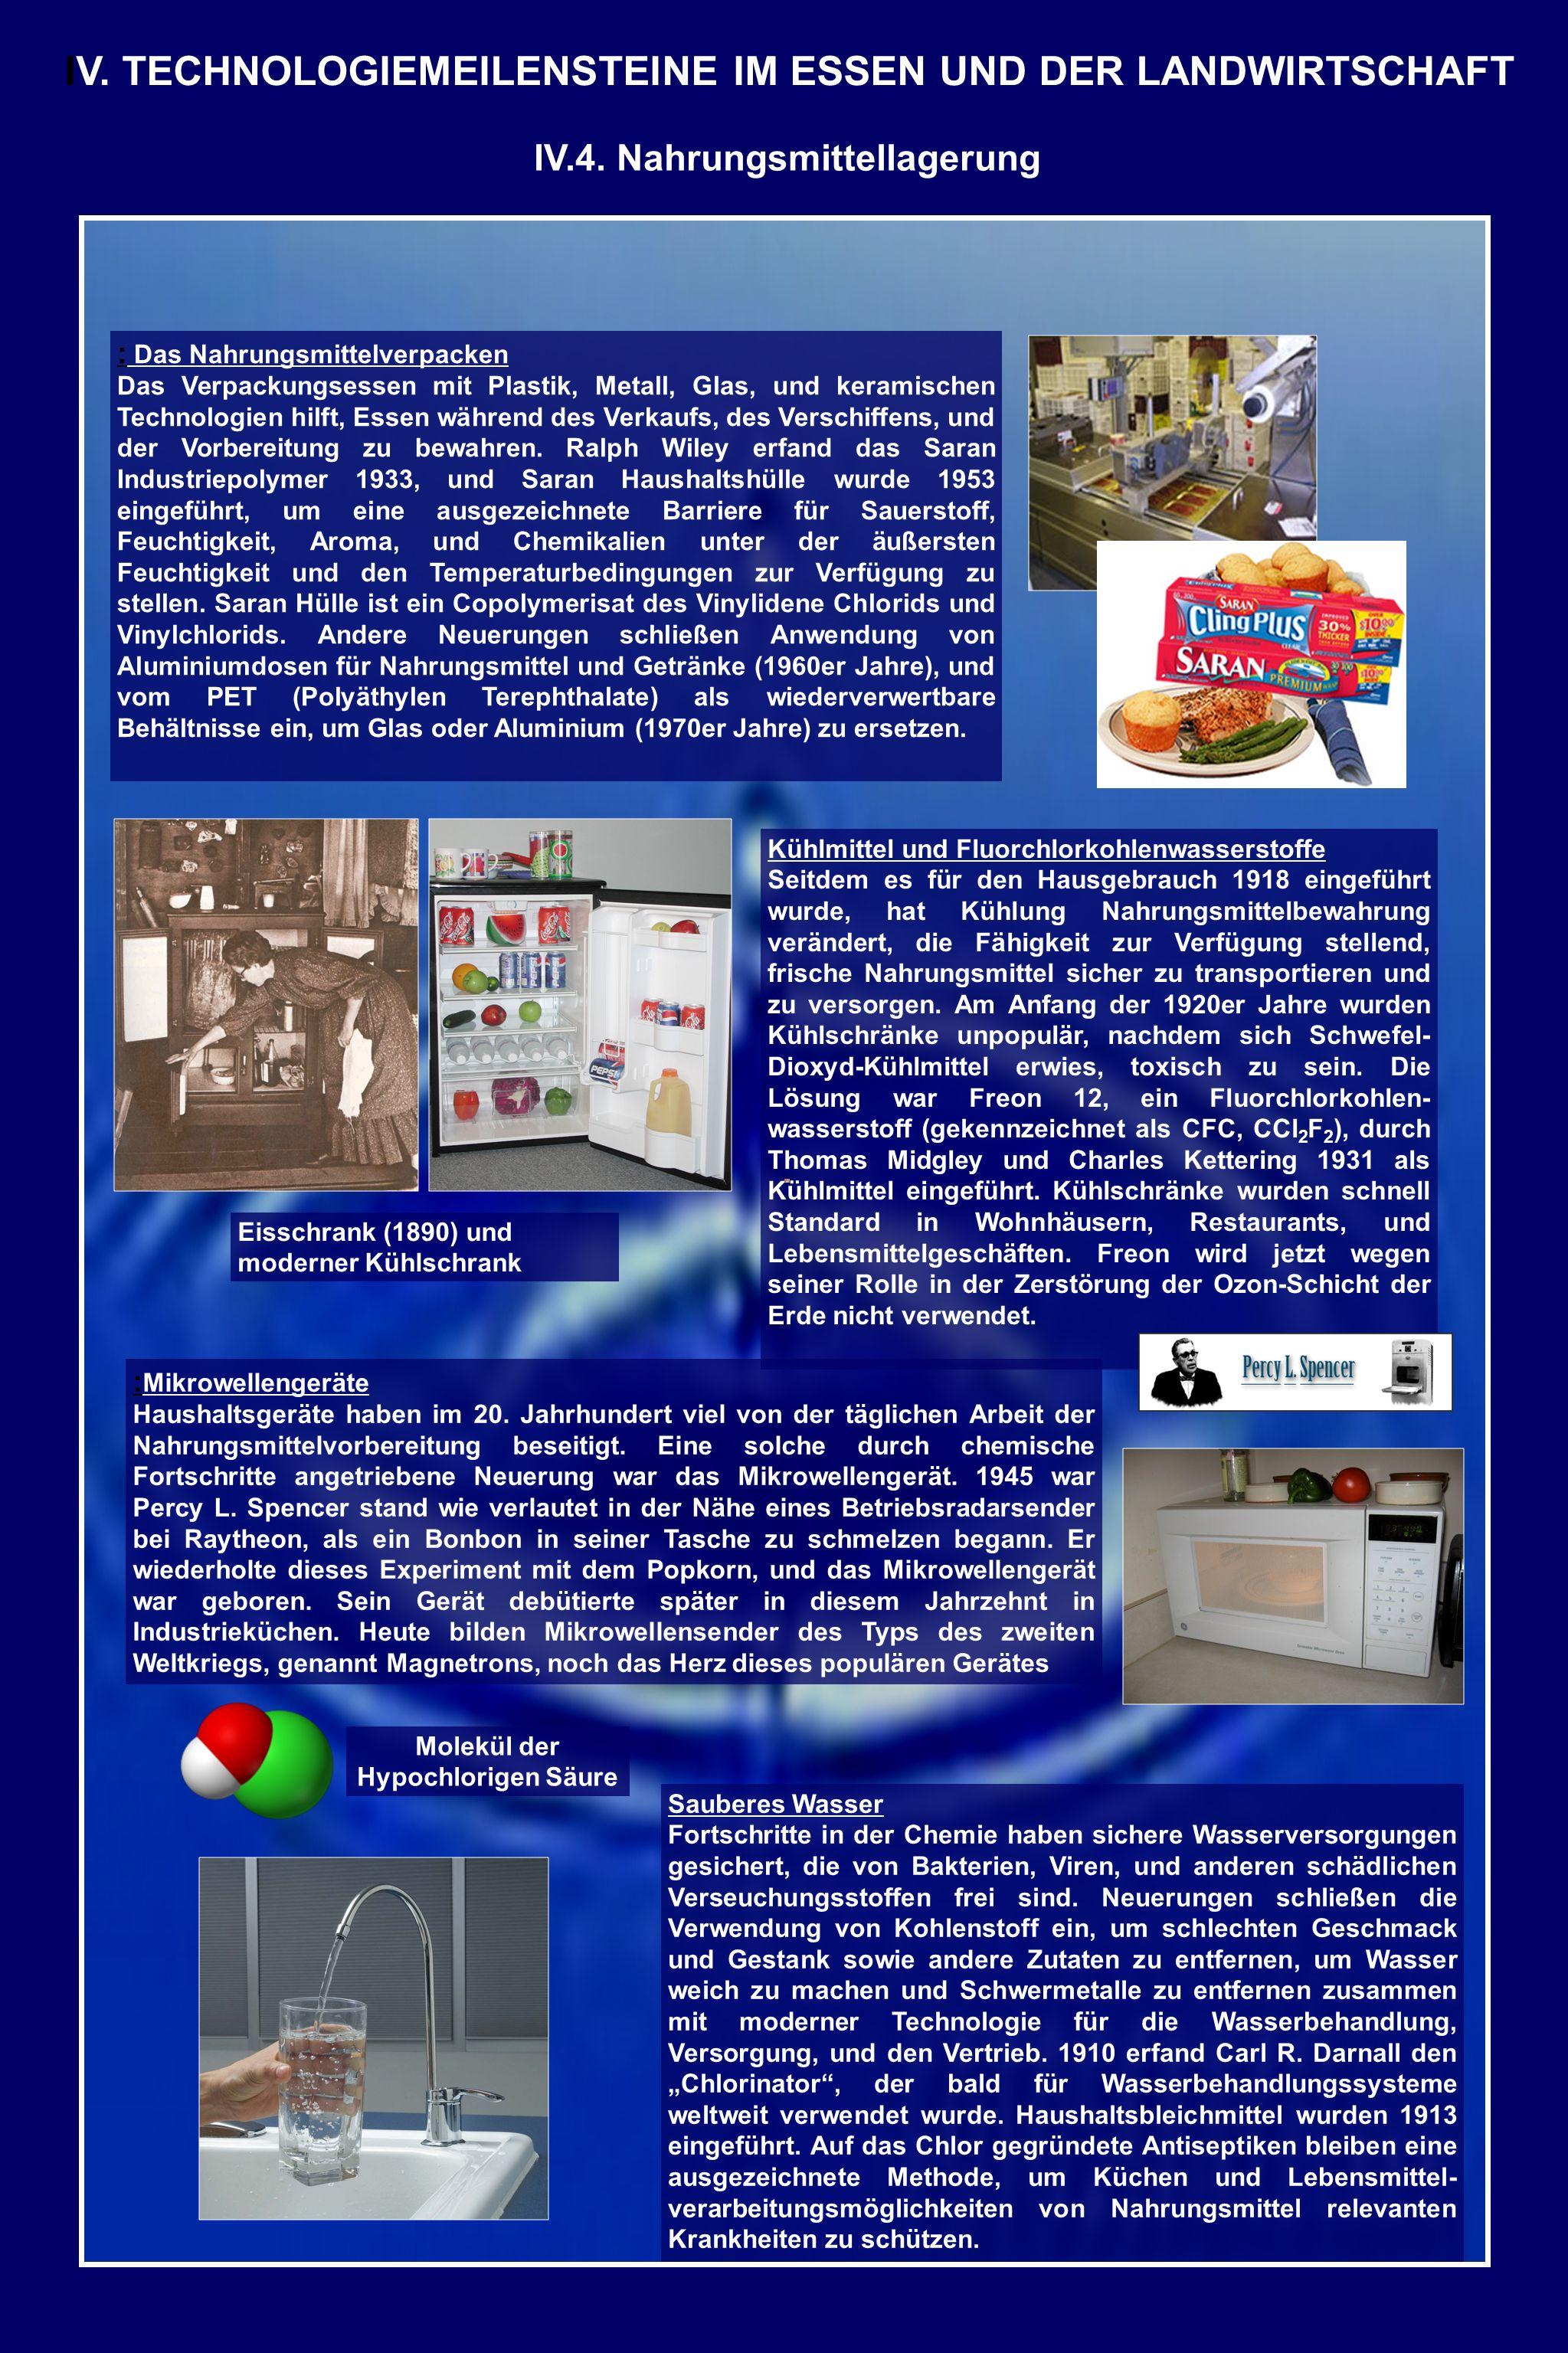 : Das Nahrungsmittelverpacken Das Verpackungsessen mit Plastik, Metall, Glas, und keramischen Technologien hilft, Essen während des Verkaufs, des Vers